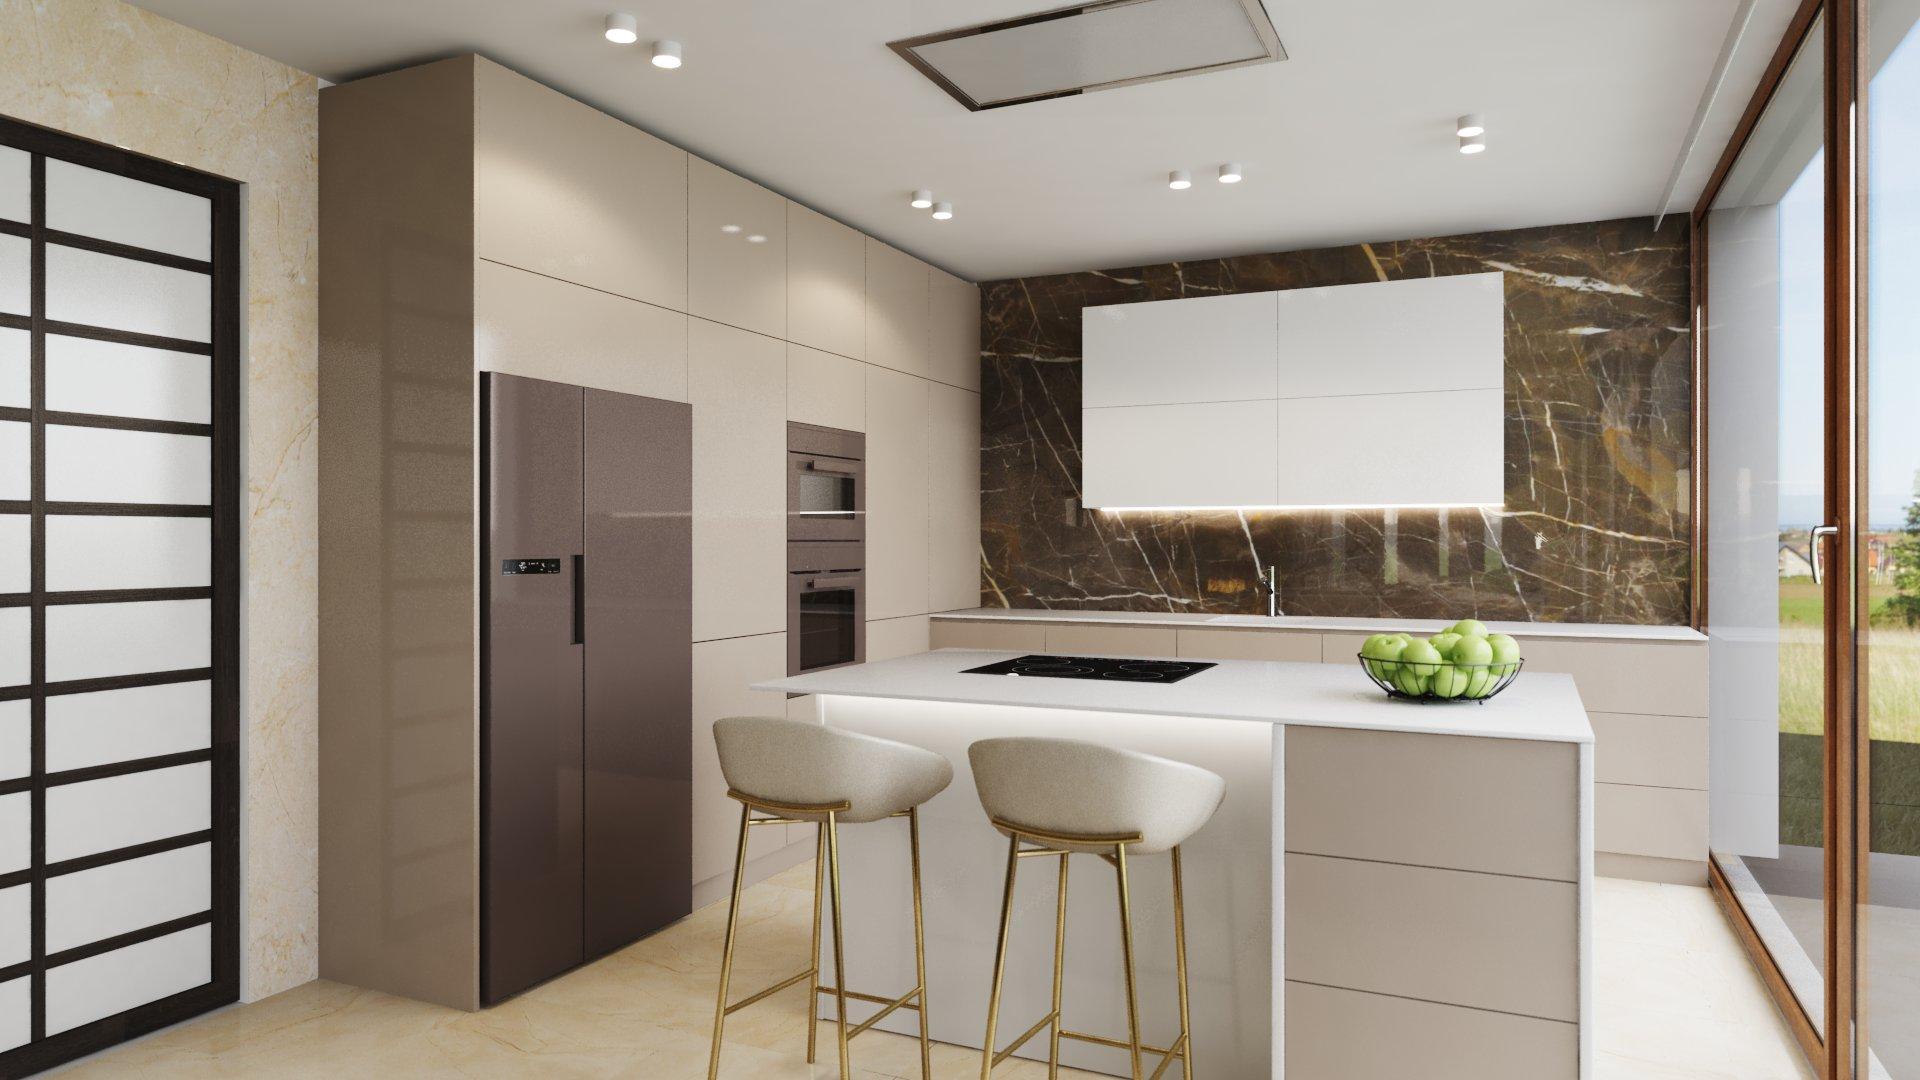 fa0bbd35e1e6f Profesionálne návrhy kuchyne, jedálne a obývačky - 3D vizualizácie I PRUNUS